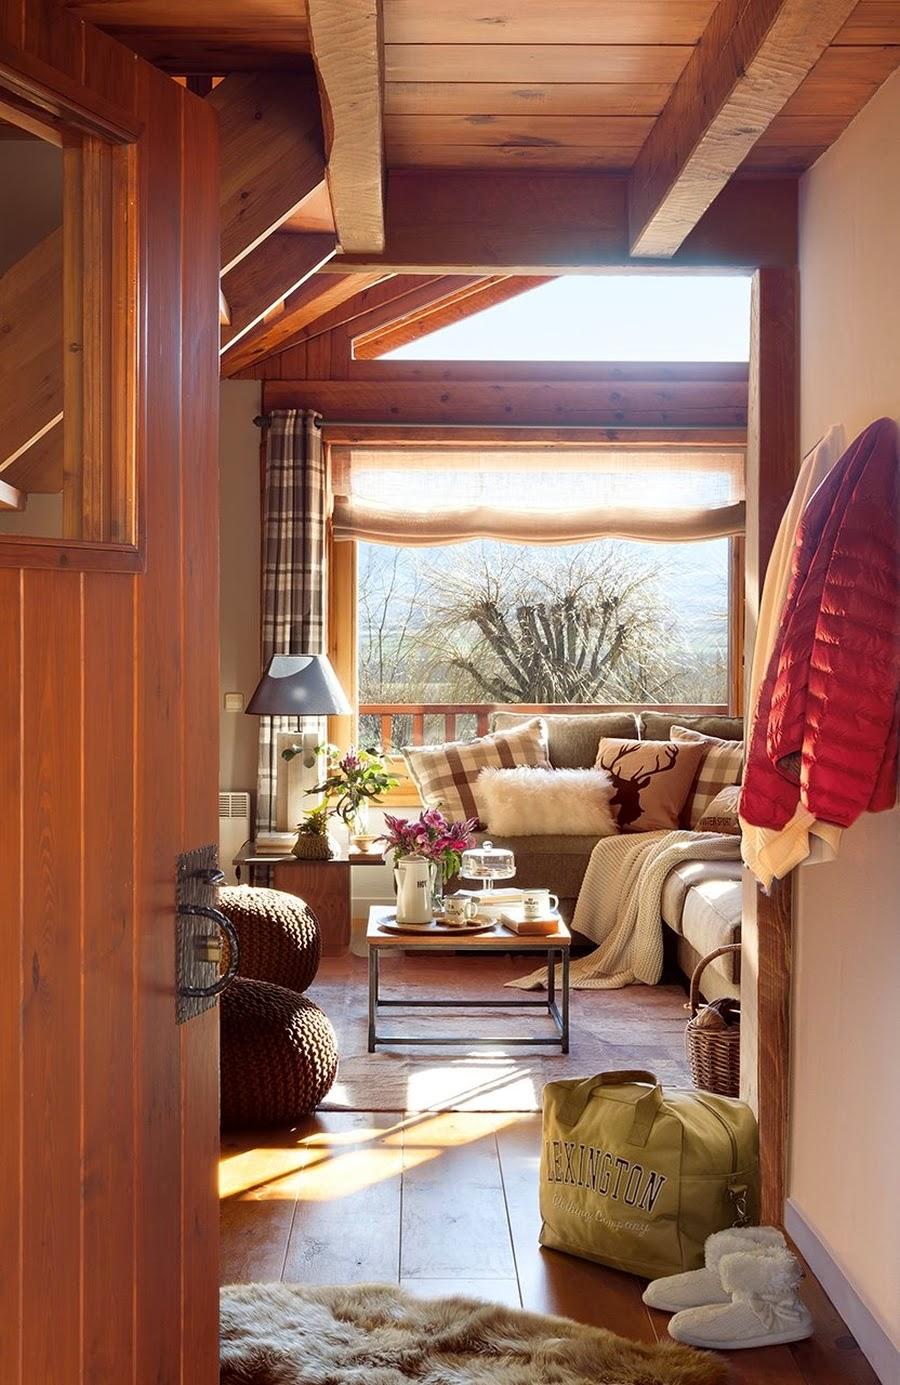 wystrój wnętrz, wnętrza, urządzanie mieszkania, dom, home decor, dekoracje, aranżacje, dom drewniany, domek w górach, chatka, drewniane skosy, drewniane belki